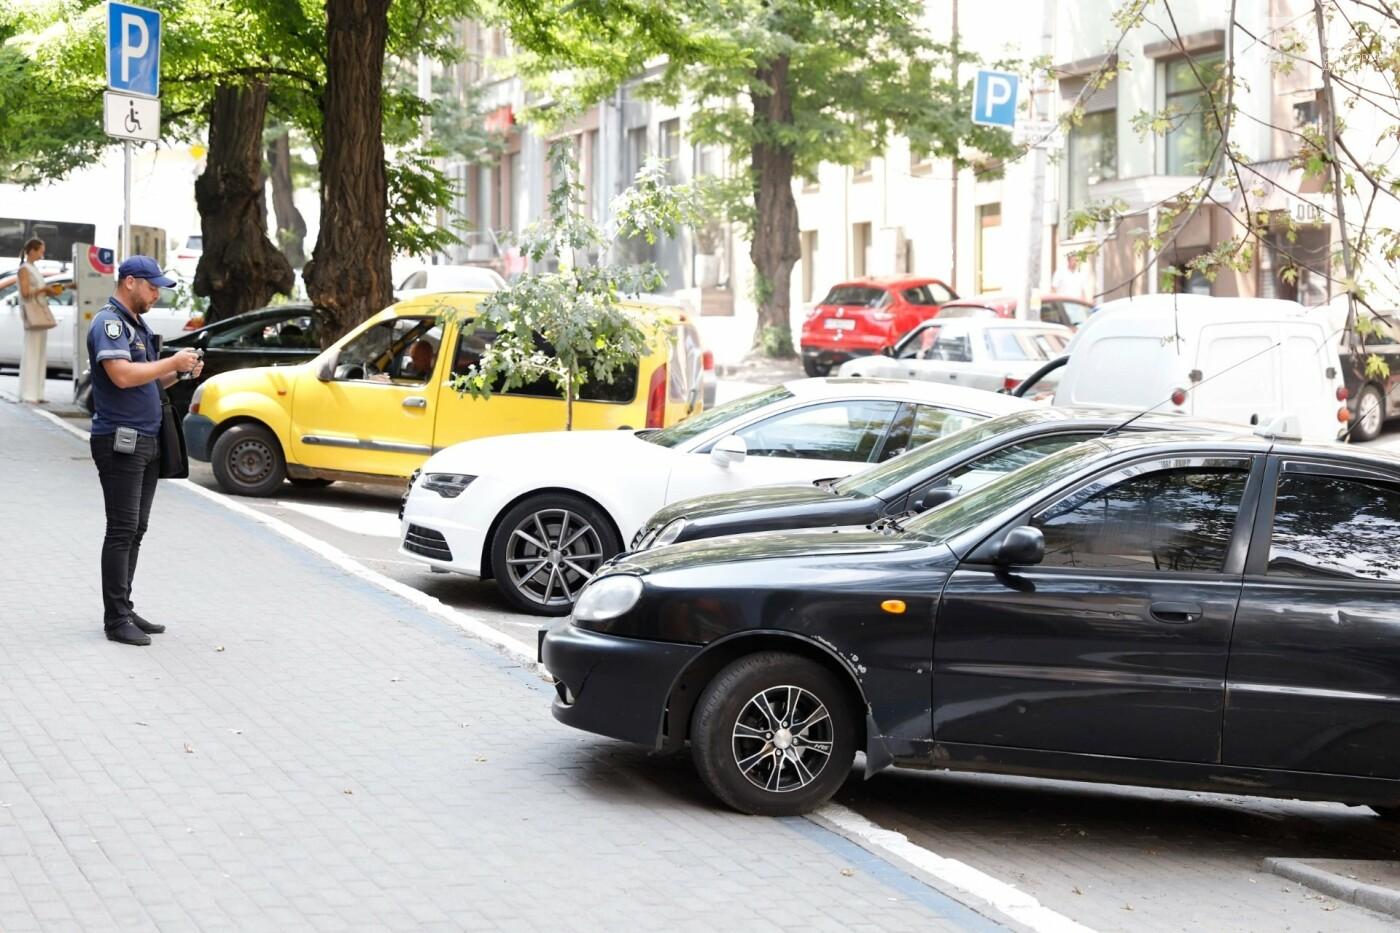 Штрафы и поддельные удостоверения: как проходит работа инспекторов по парковке в Днепре, - ФОТО, фото-1